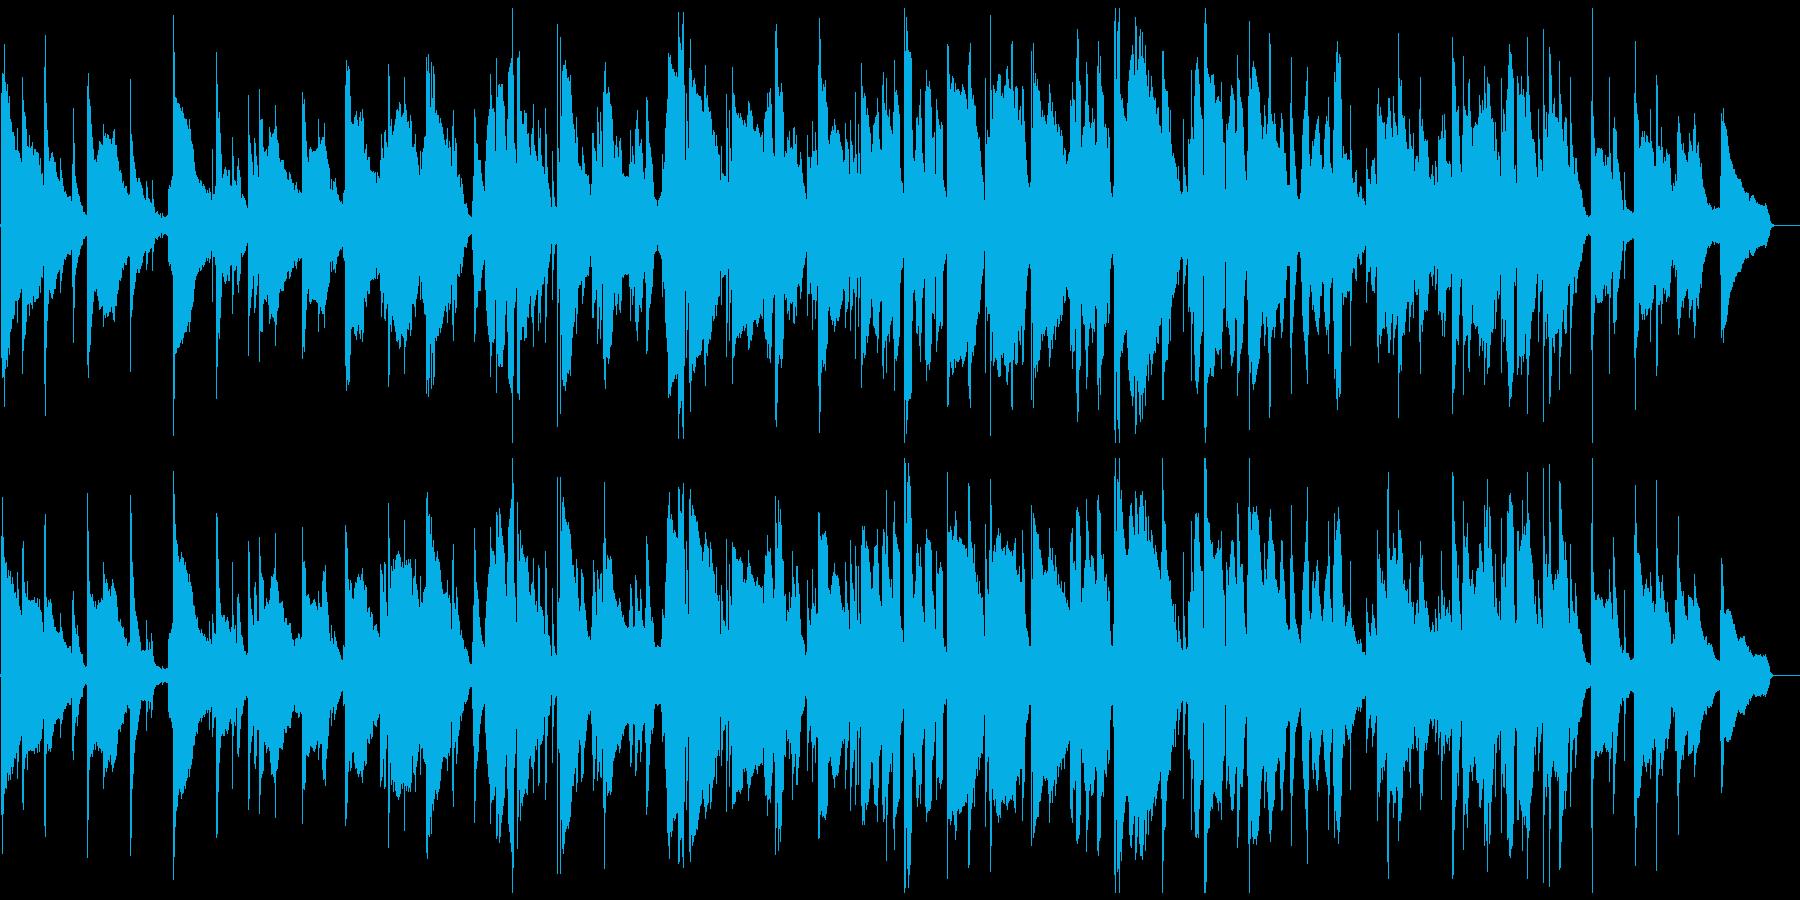 リラックスしすぎて眠りそうな癒し系BGMの再生済みの波形